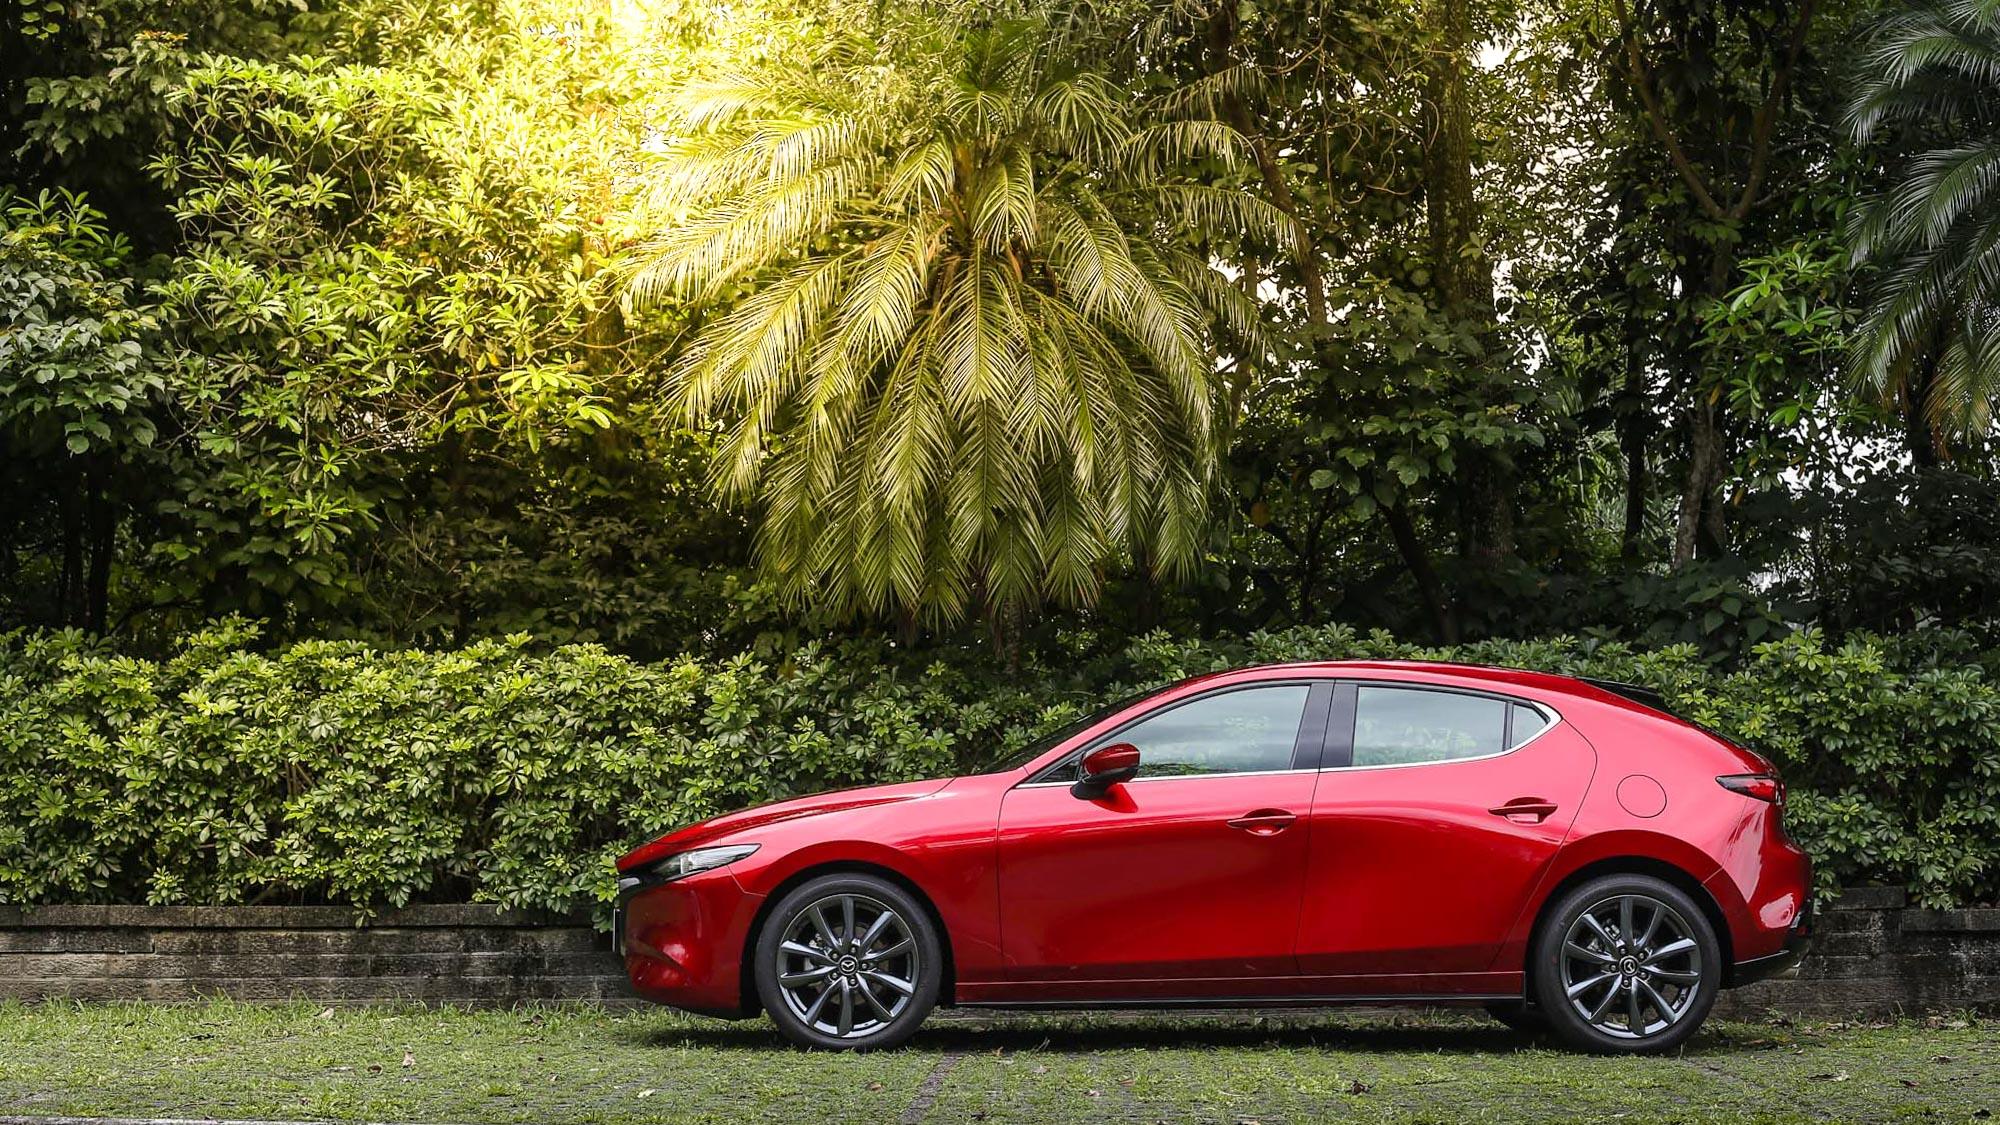 嫌新世代 Mazda3 貴?或許你們頻率沒接對!